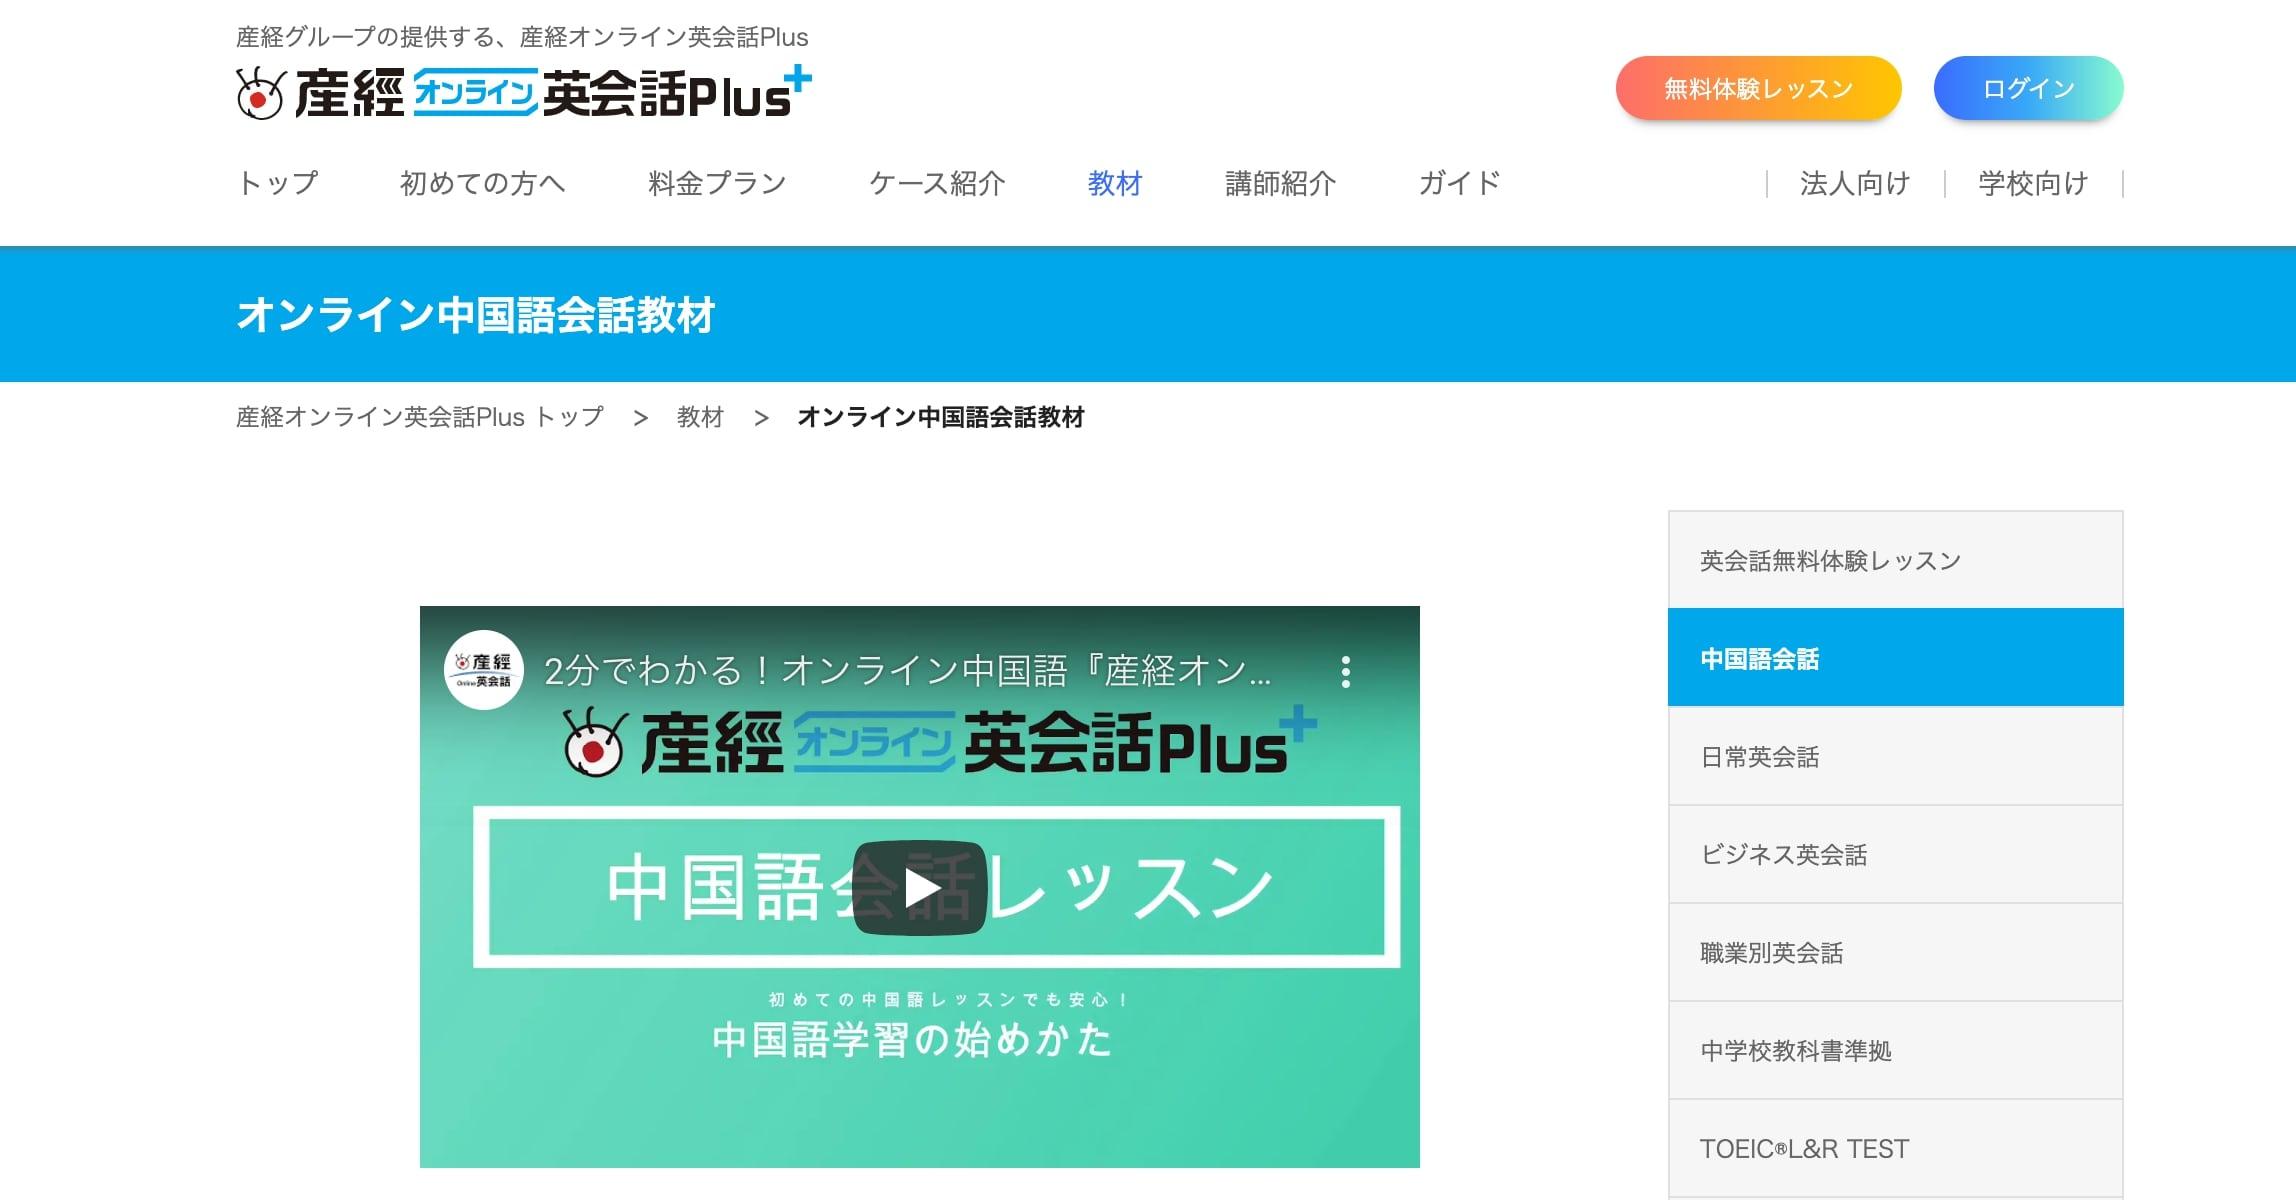 産経オンライン英会話+で中国語学習